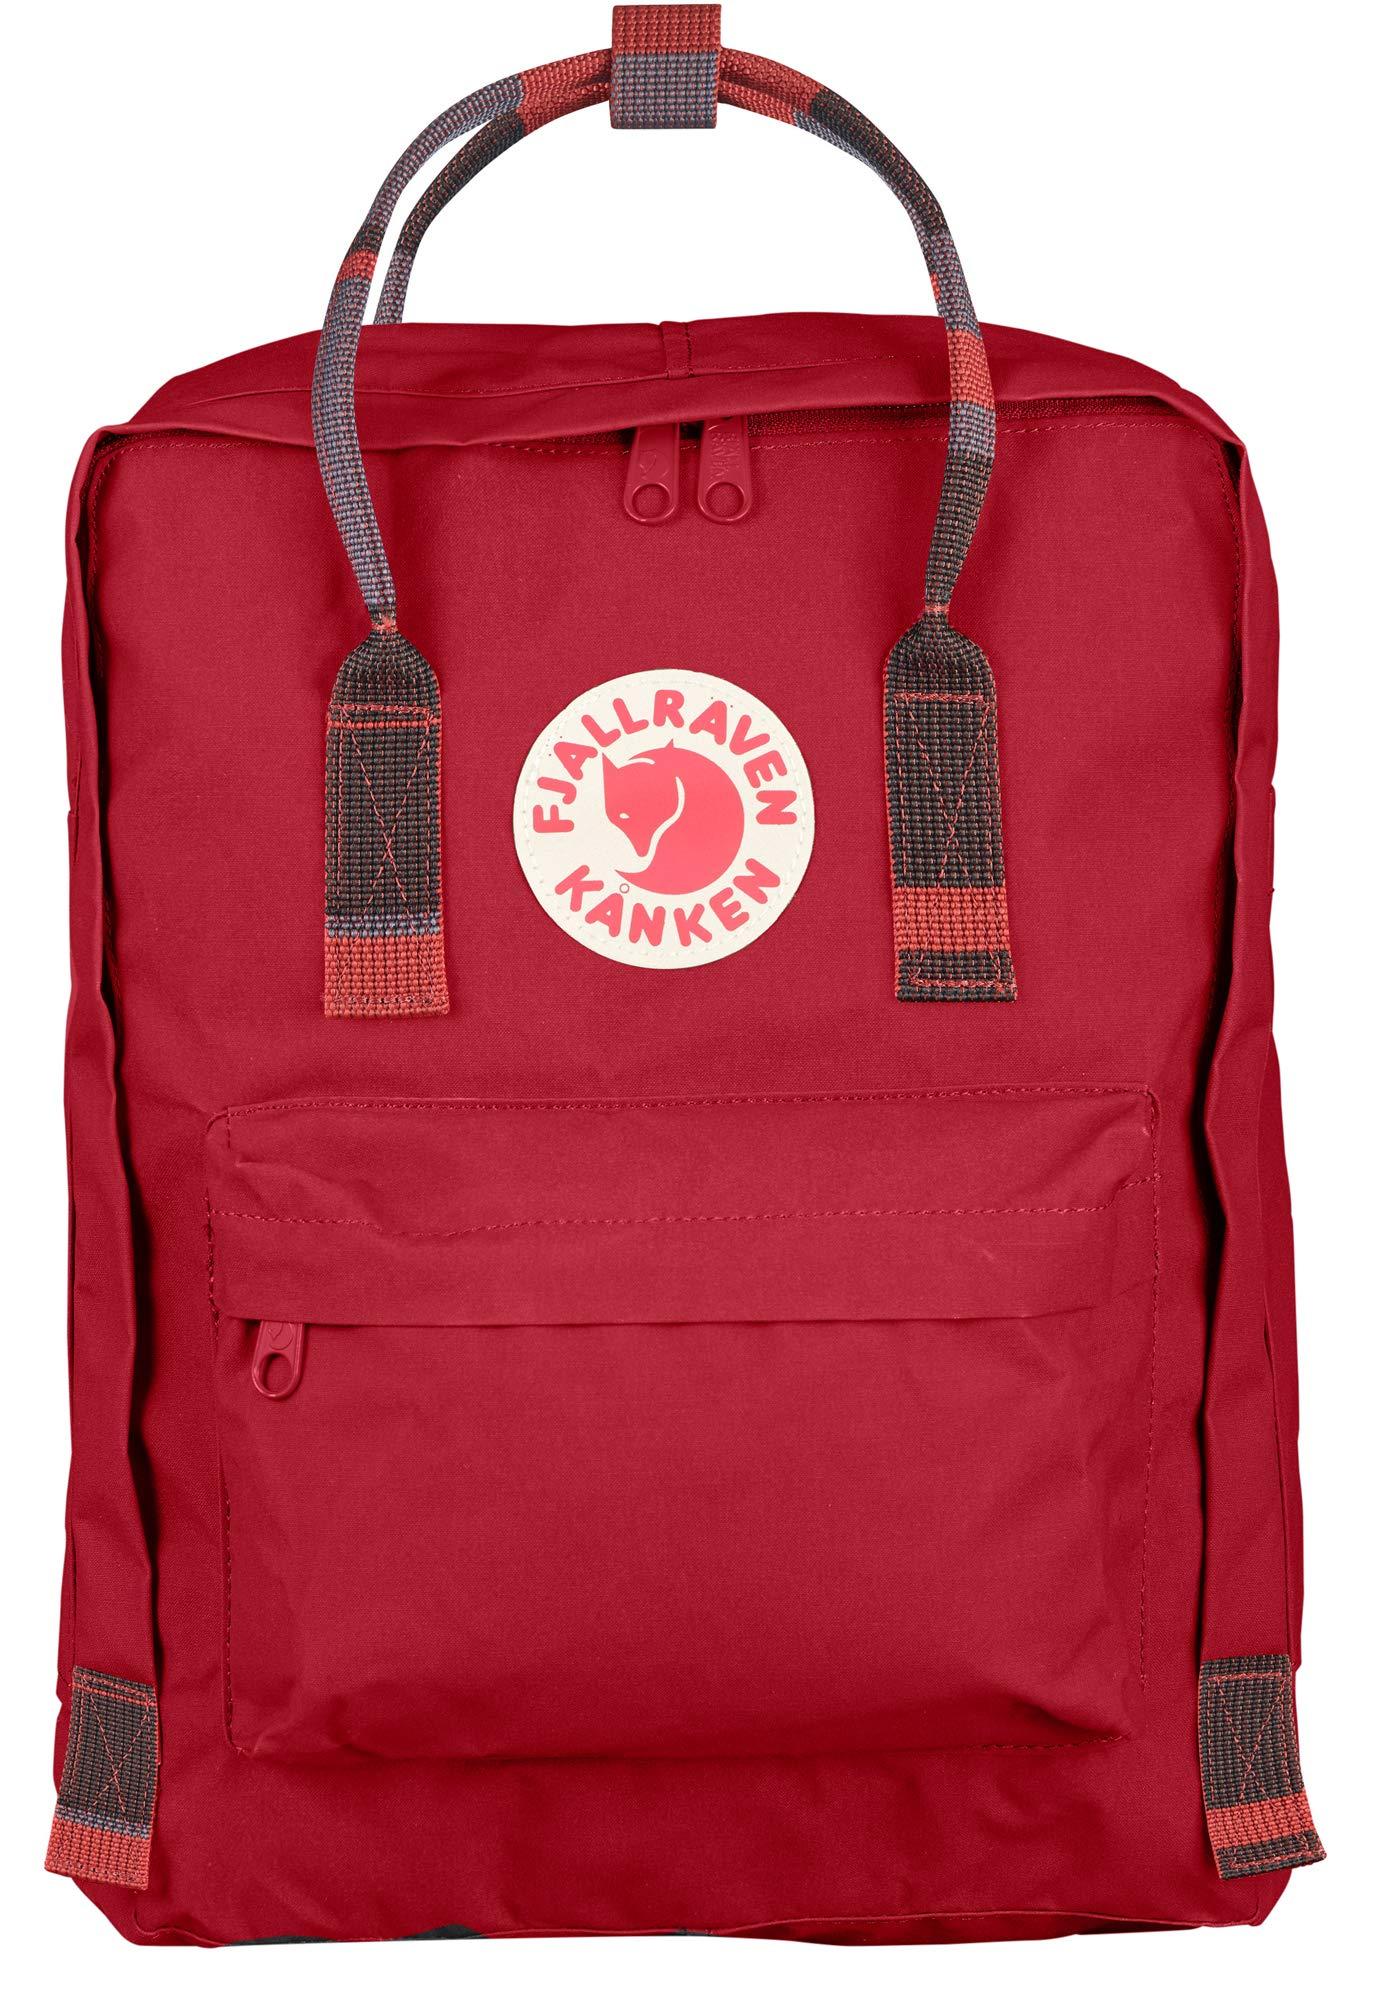 Fjallraven - Kanken Classic Backpack for Everyday, Deep Red/Random Blocked